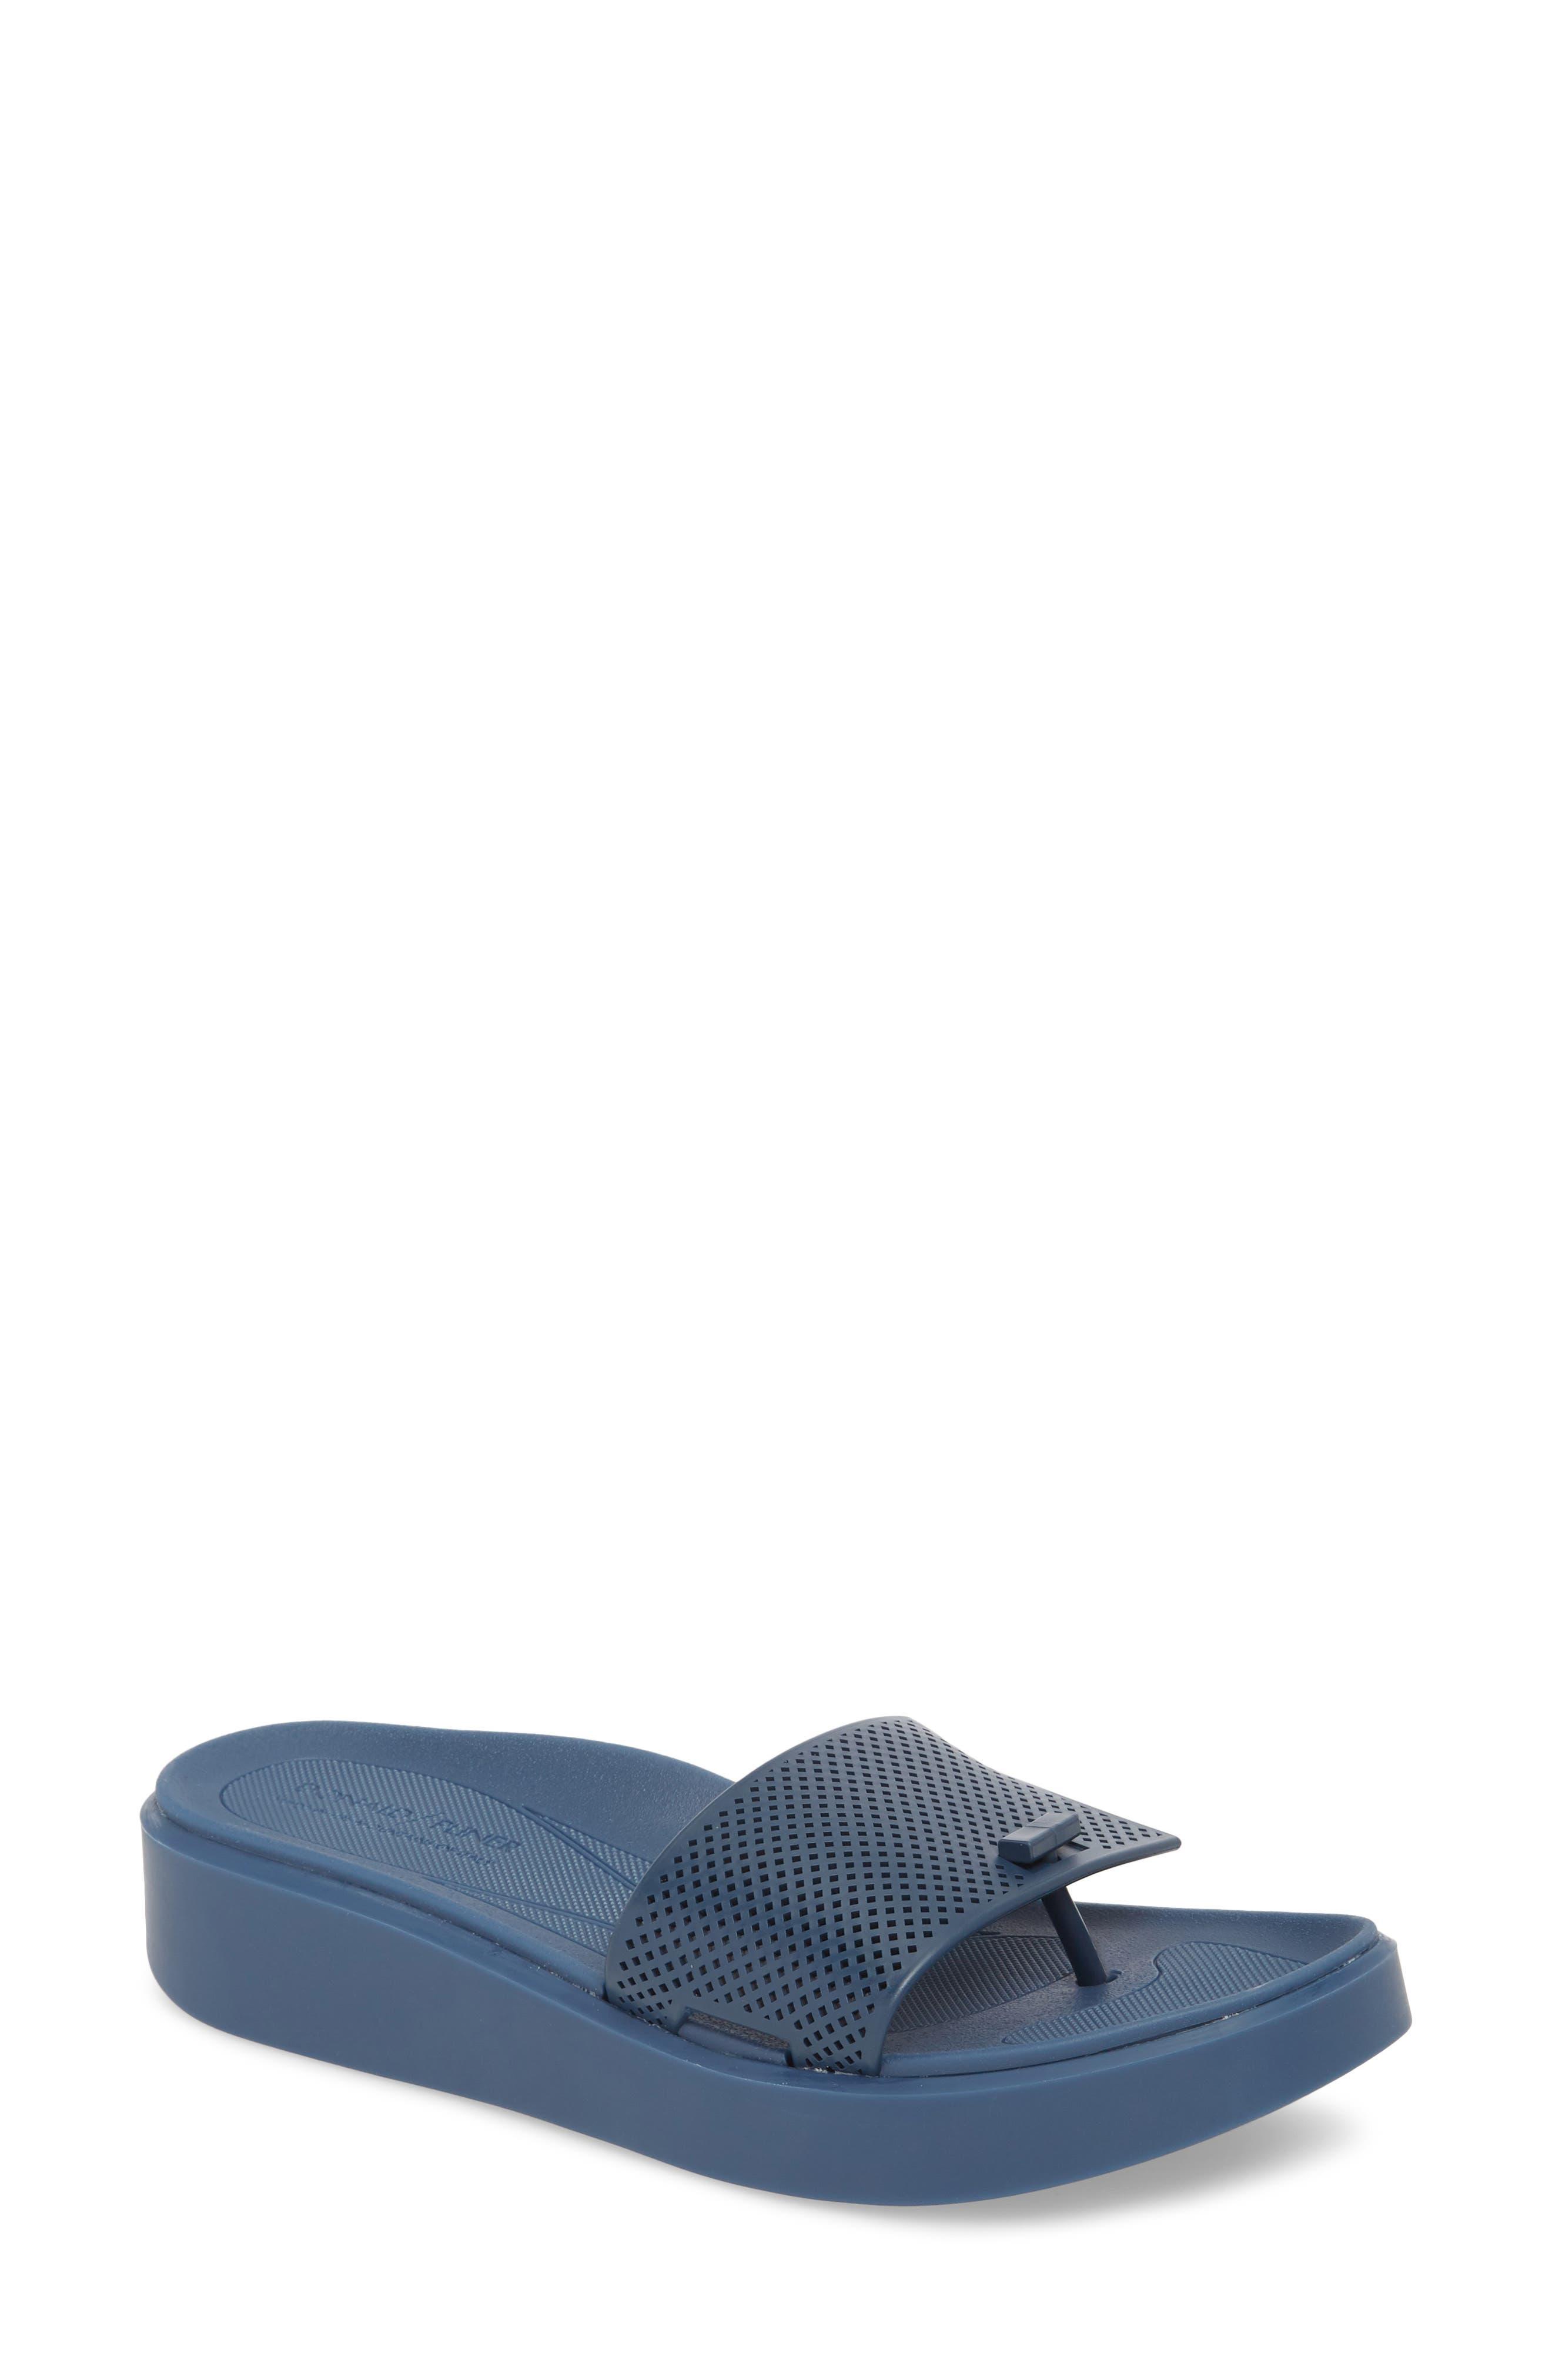 Bondi Jelly Slide Sandal,                         Main,                         color, Navy